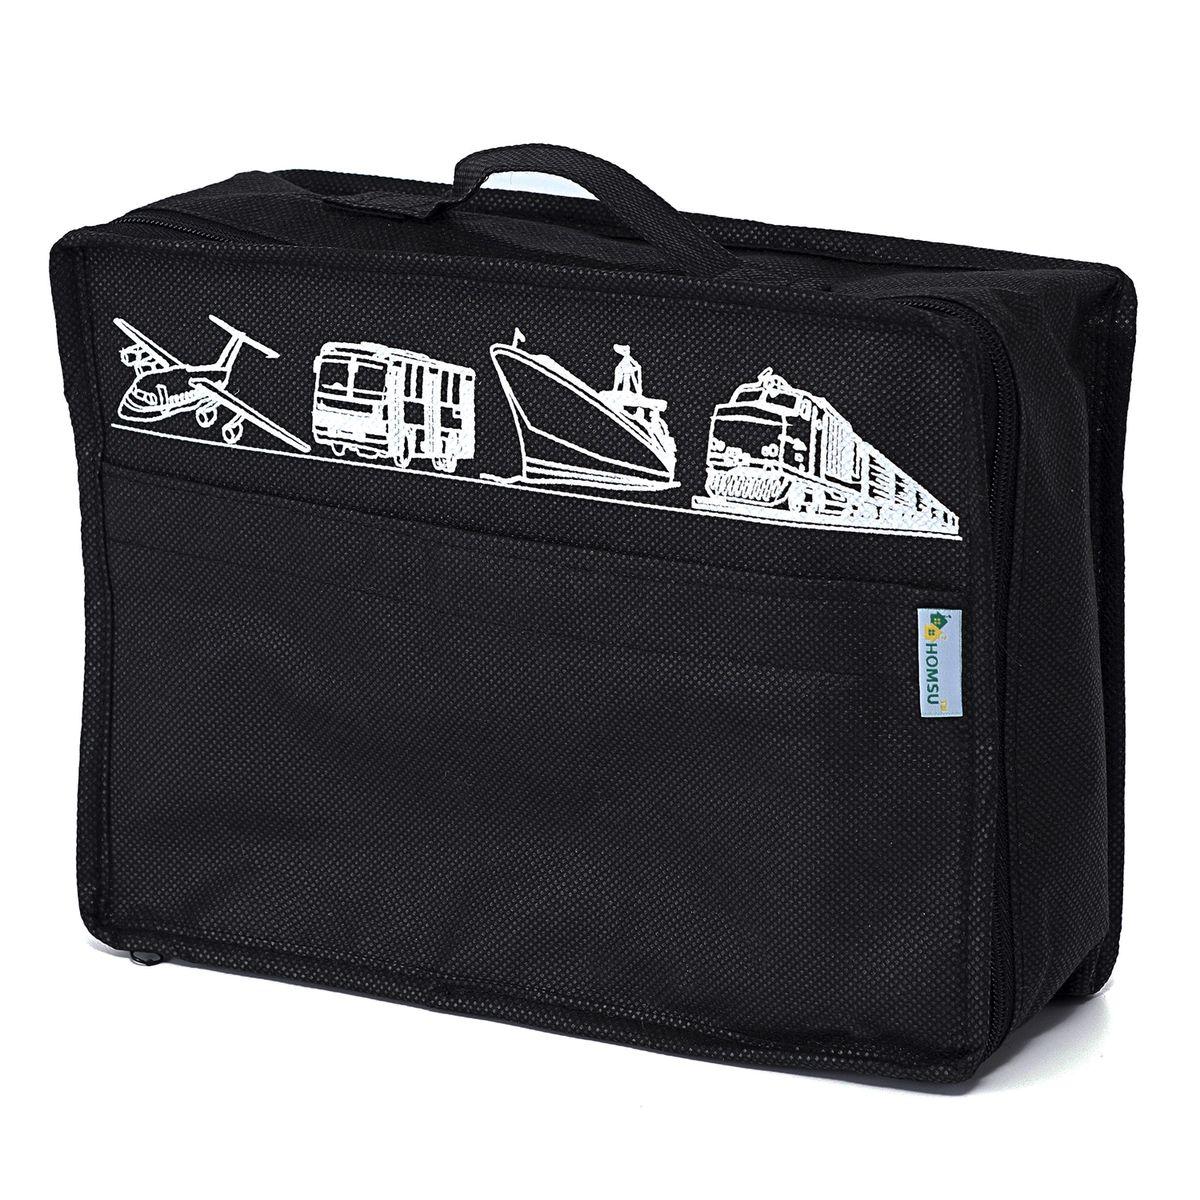 Сумка для багажа Homsu Men in Black, 28 х 20 х 9 смHOM-653Вместе с оригинальным современным дизайном такая сумка для багажа принесёт также очень существенную практическую пользу в любом путешествии. Благодаря ей,вы сможете распределить все вещи, которые возьмёте с собой таким образом, что всегда иметь быстрый доступ к ним, и при этом надёжно защитить от пыли, грязи, влажности или механических повреждений. Размер изделия:28x20x9см.